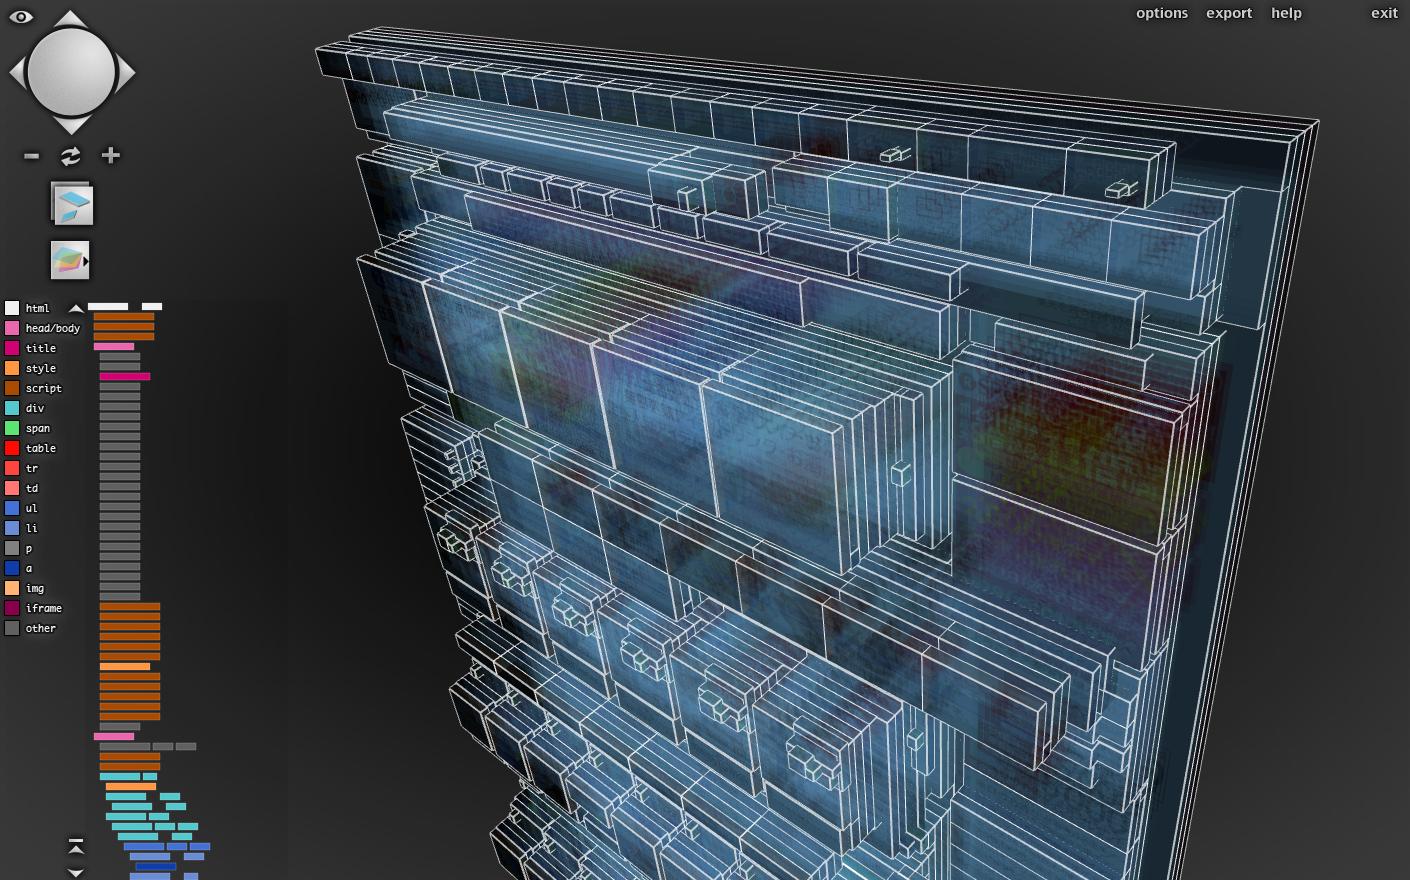 サイト構造を立体的に3D化するFFプラグイン「Tilt 3D」